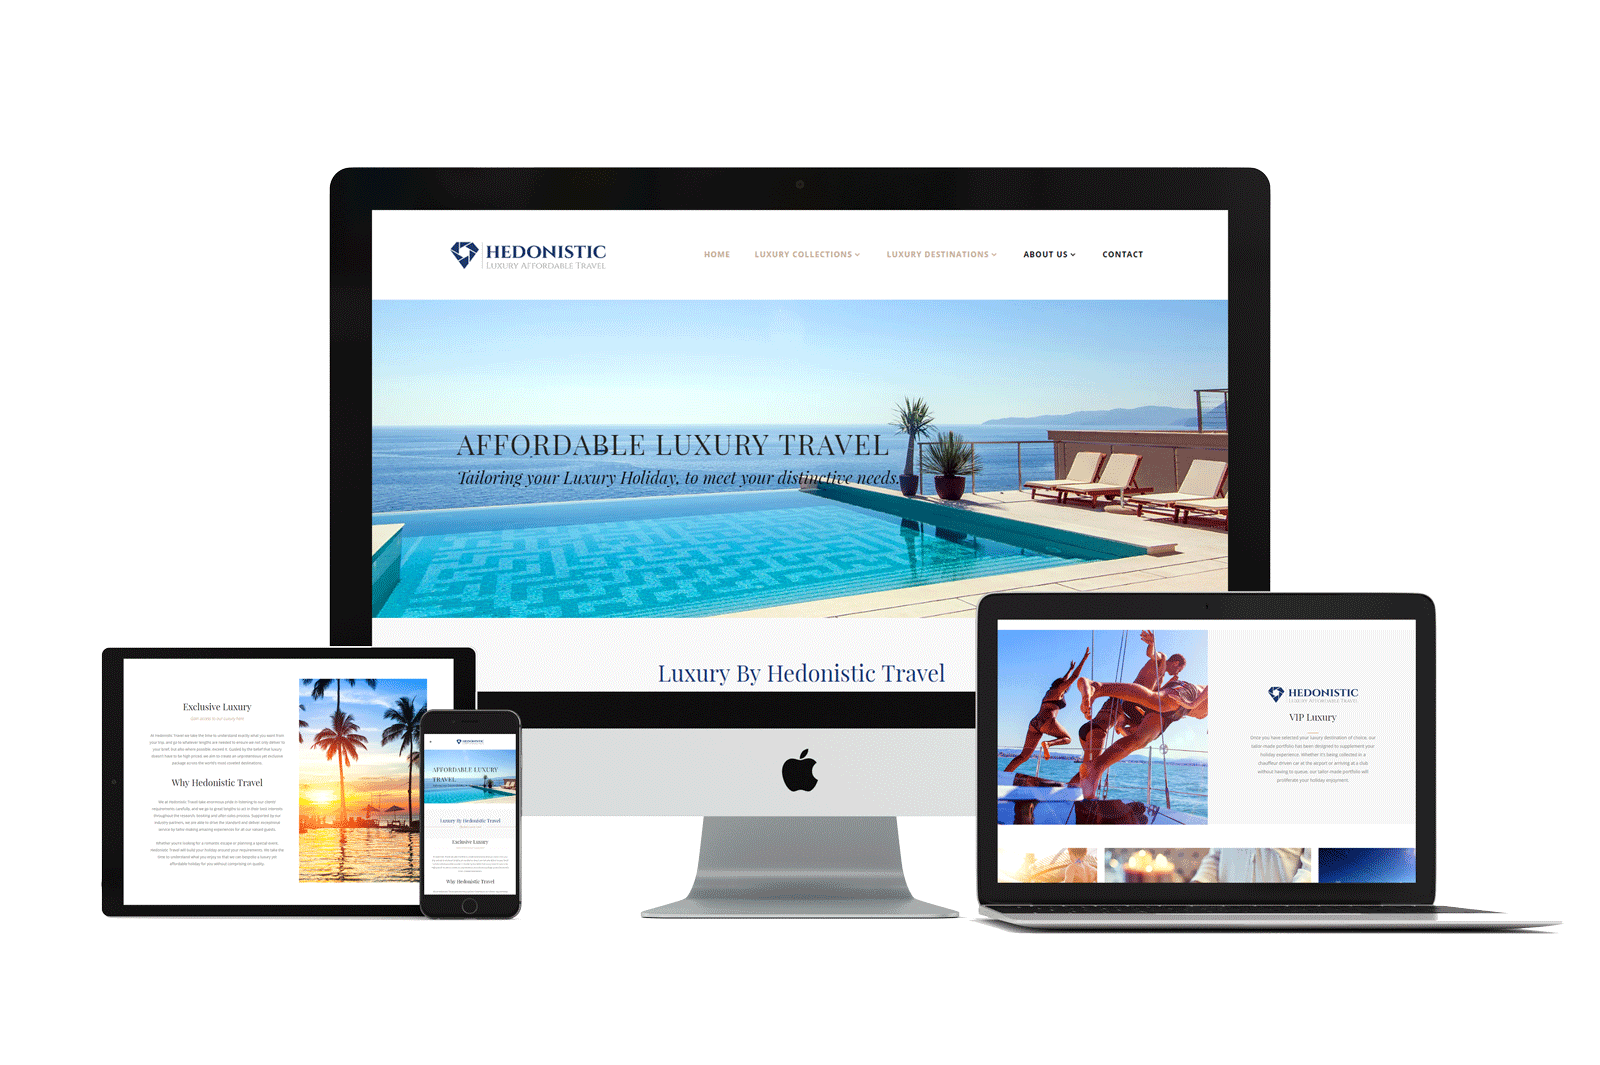 hedonistic responsive website design